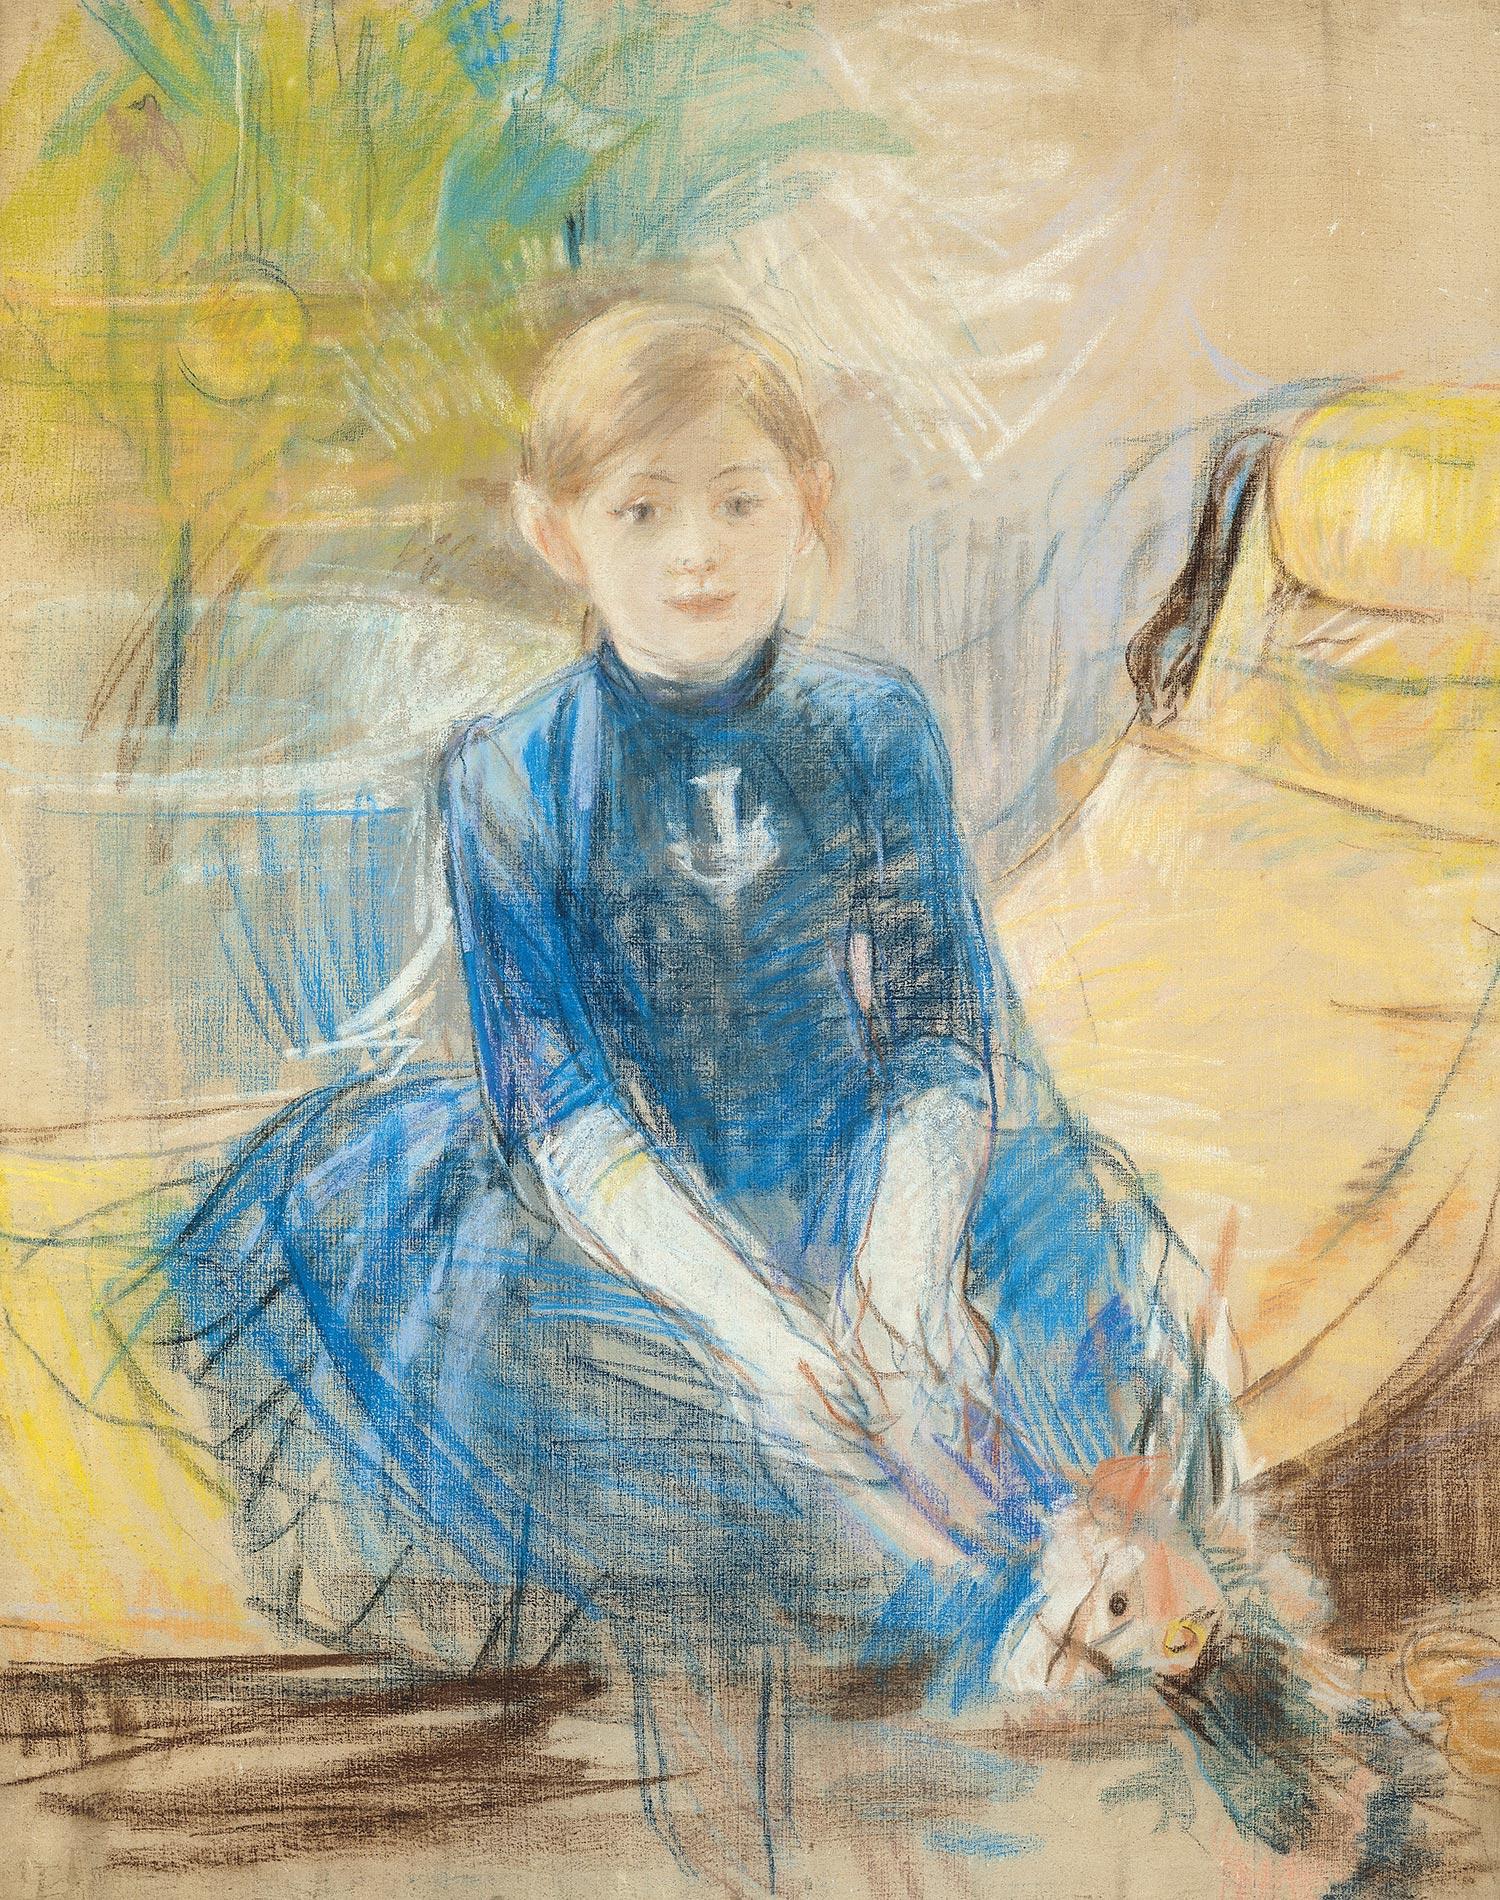 File:Berthe Morisot - Fillette au jersey bleu - Musée Marmottan-Monet.jpg -  Wikimedia Commons